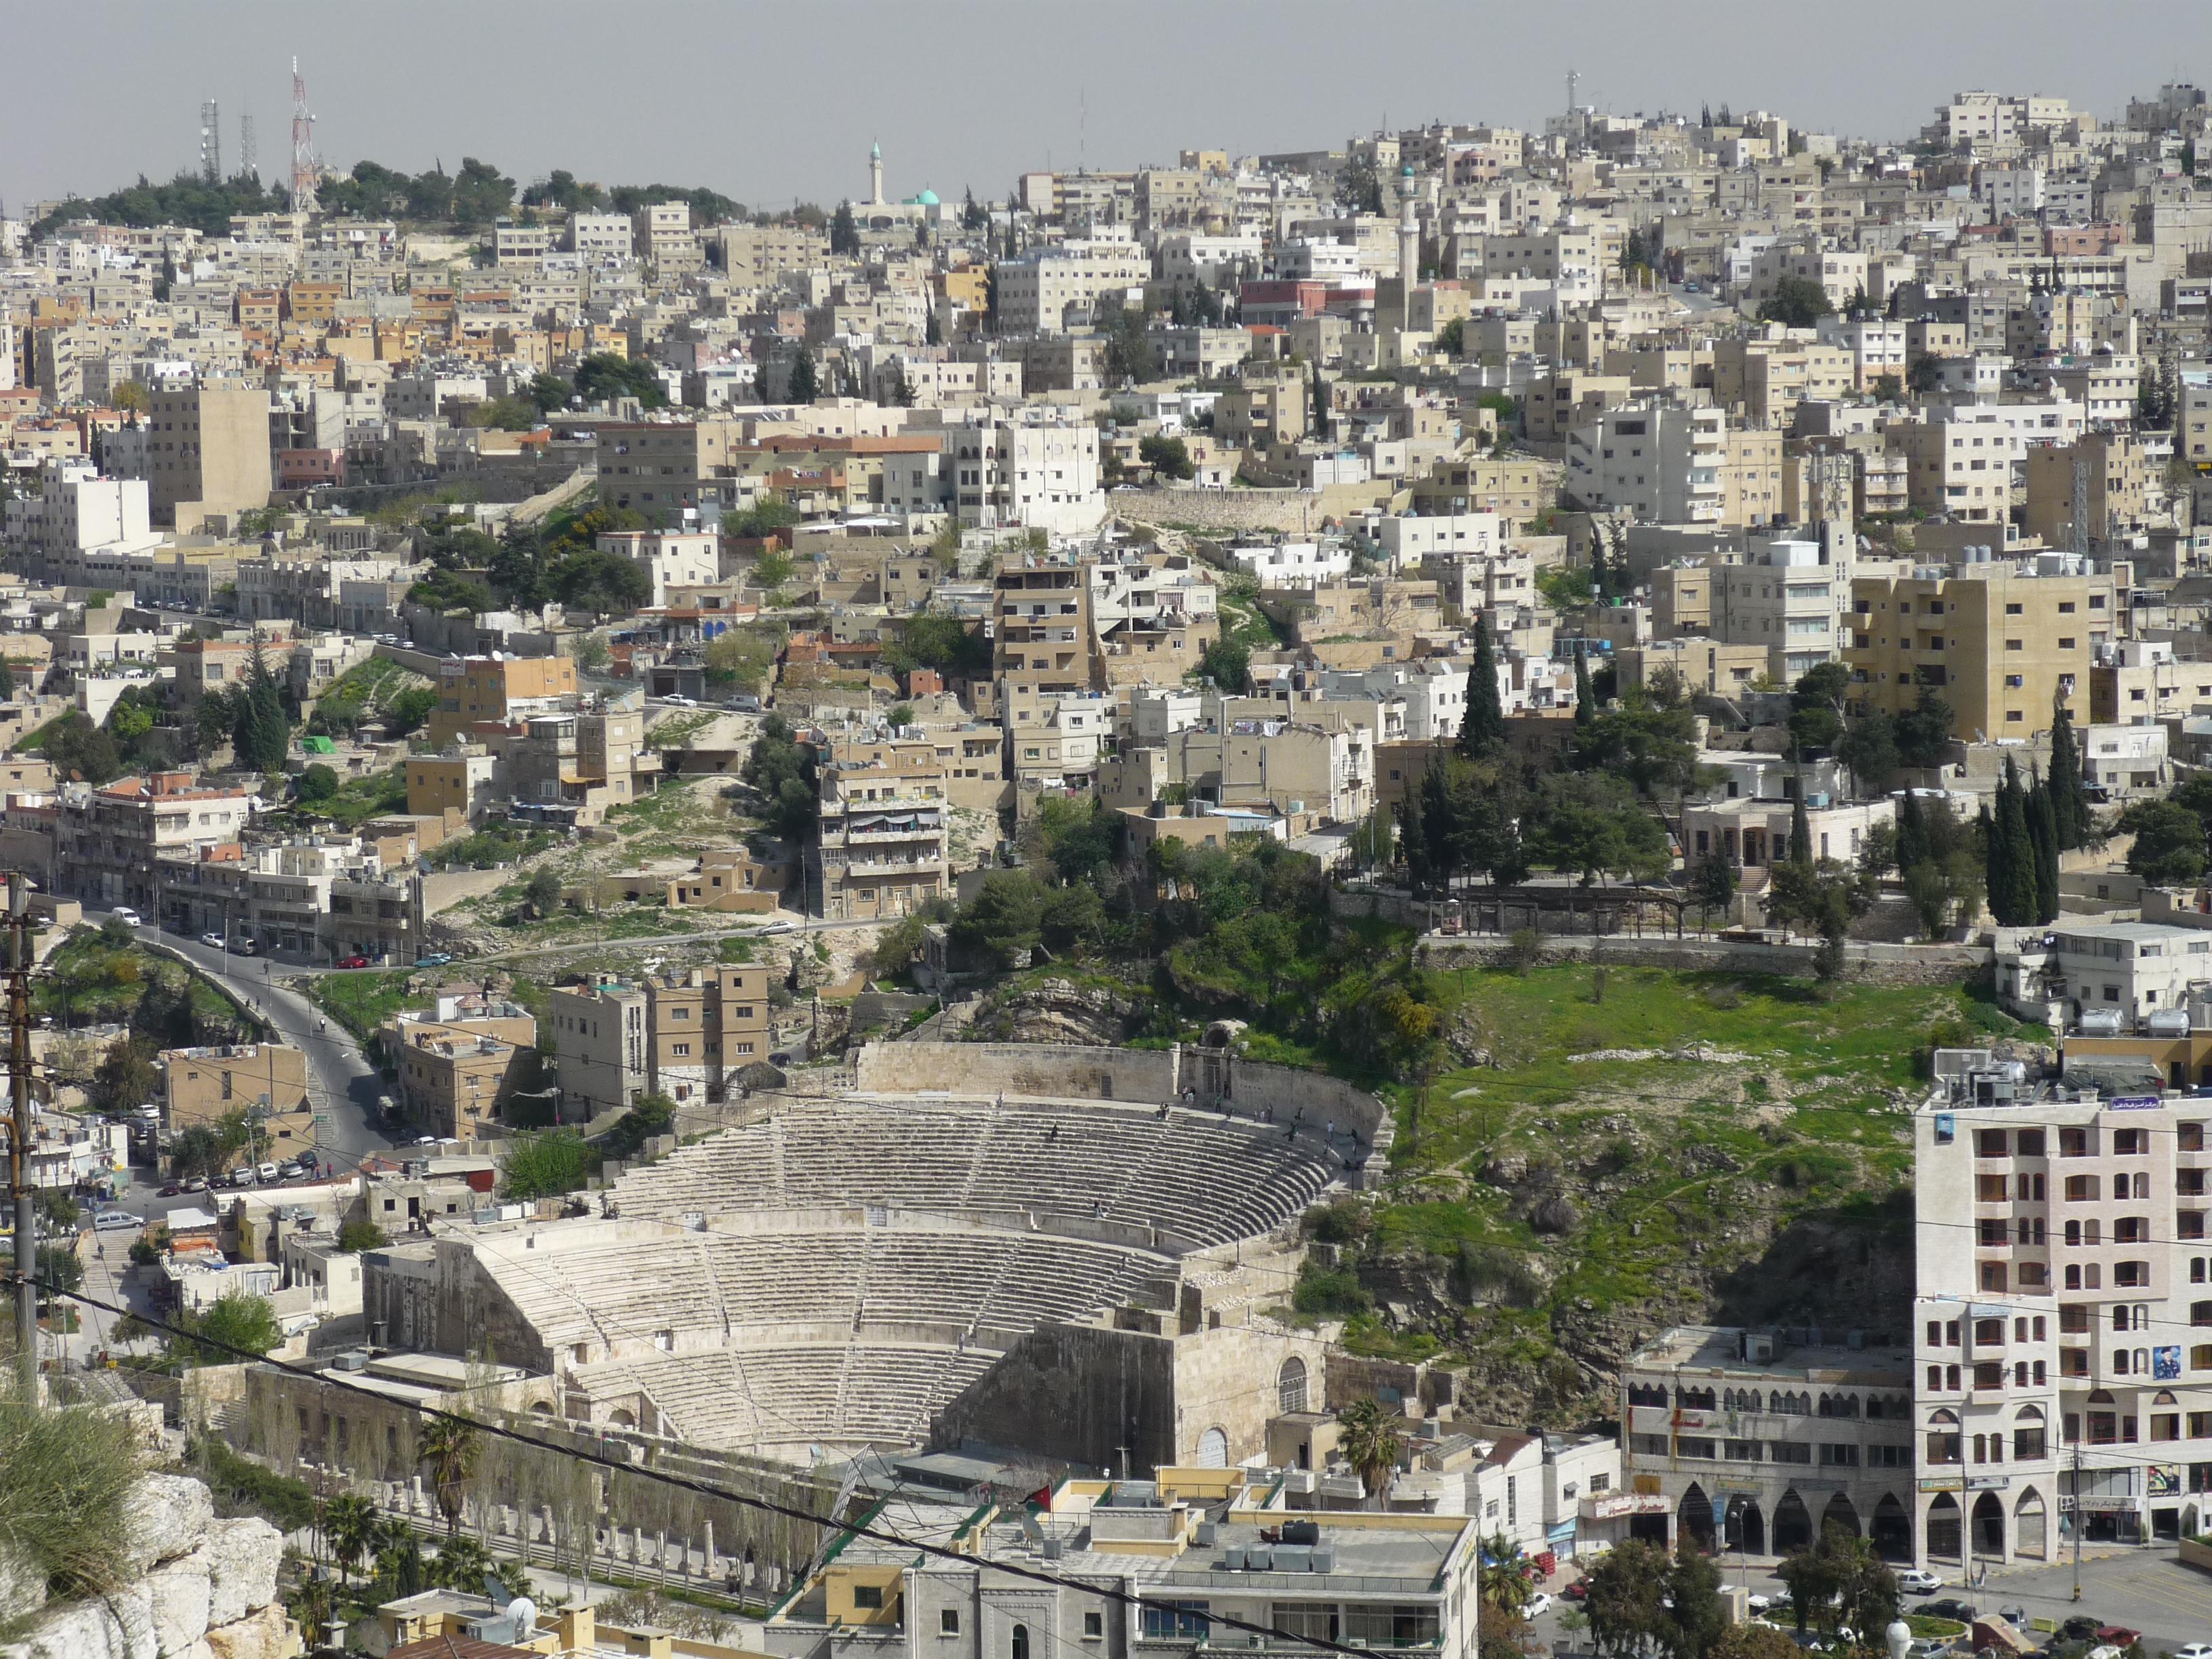 Luca Errera, Daniela Trastulli, Giordania, Amman, teatro romano